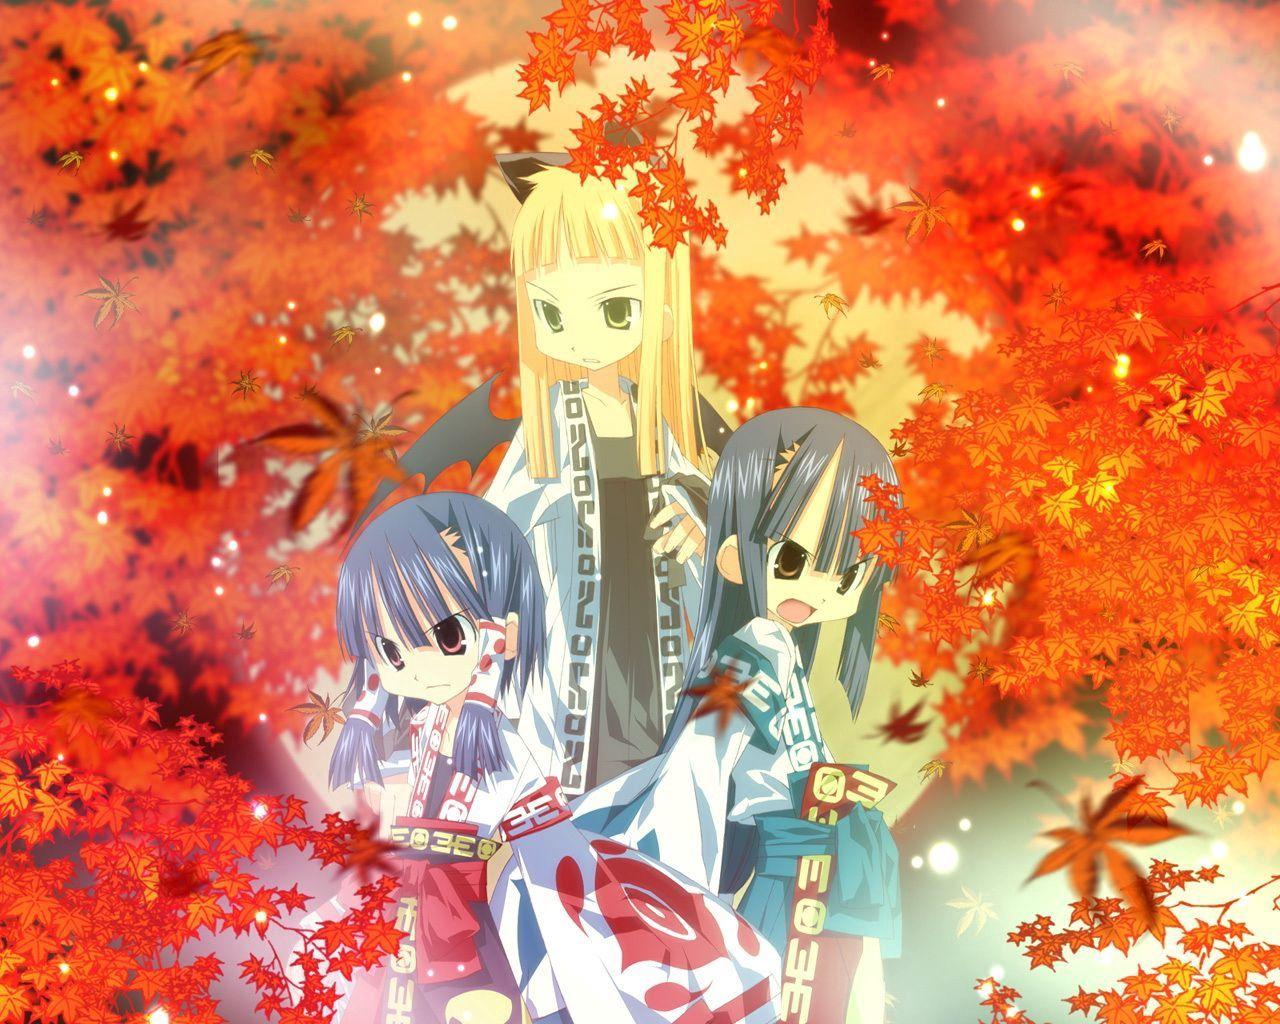 105145壁紙のダウンロード日本製アニメ, 女の子, 着物, 秋-スクリーンセーバーと写真を無料で